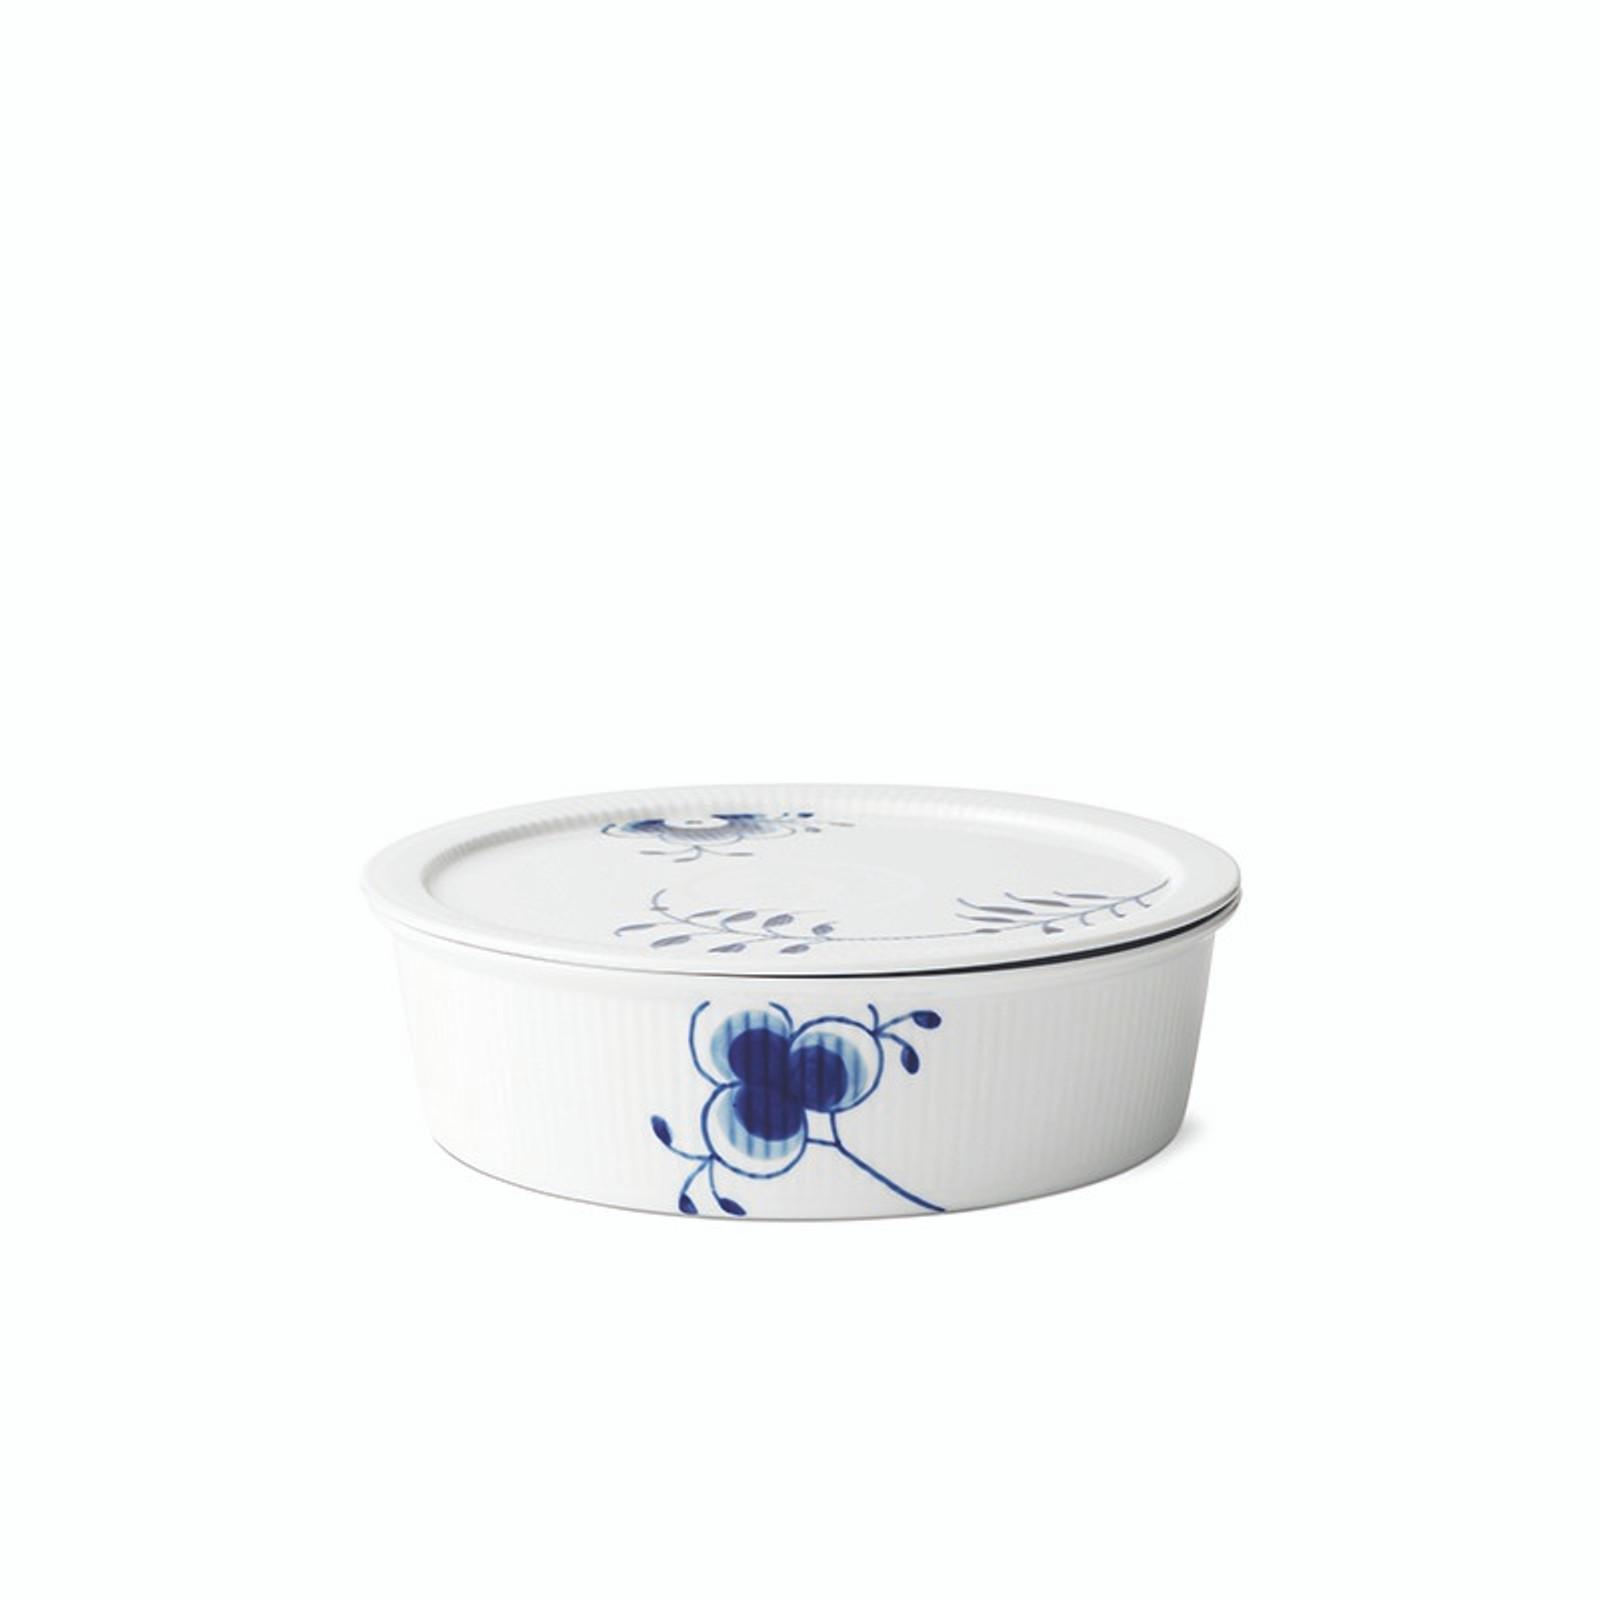 Royal Copenhagen Blue Fluted Mega - Dish with Lid, 1.5 Qt (1016884)